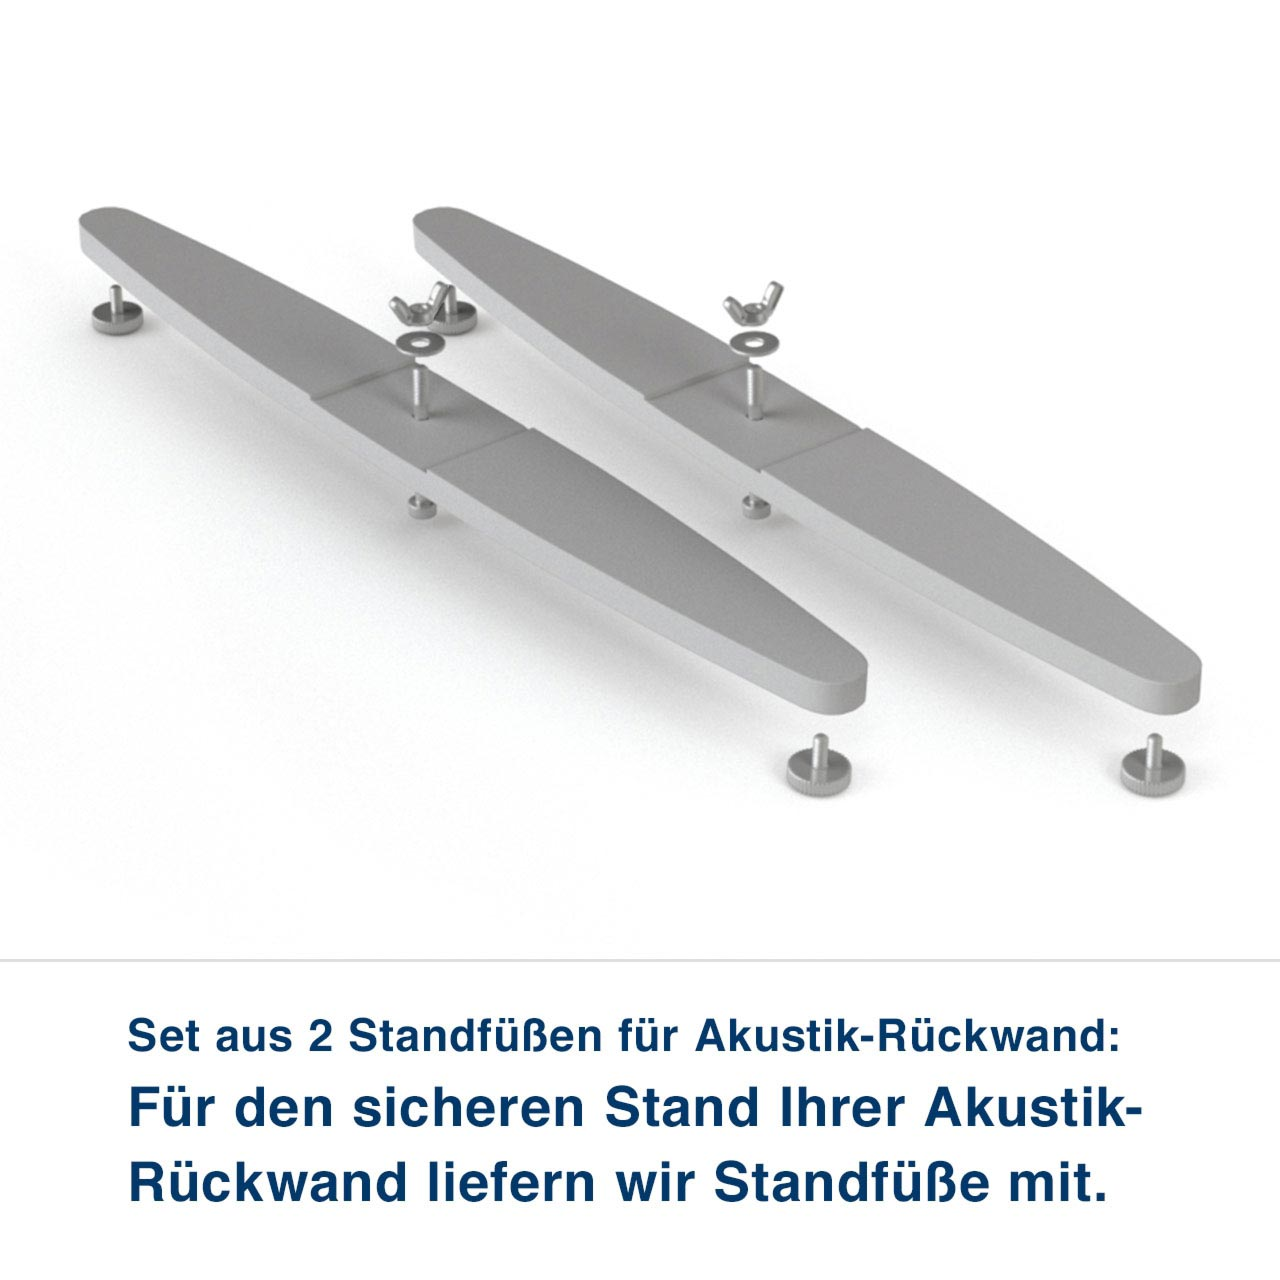 Set aus 2 Standfüßen für Akustik-Rückwand:   Für den sicheren Stand Ihrer Akustik- Rückwand liefern wir Standfüße mit. für